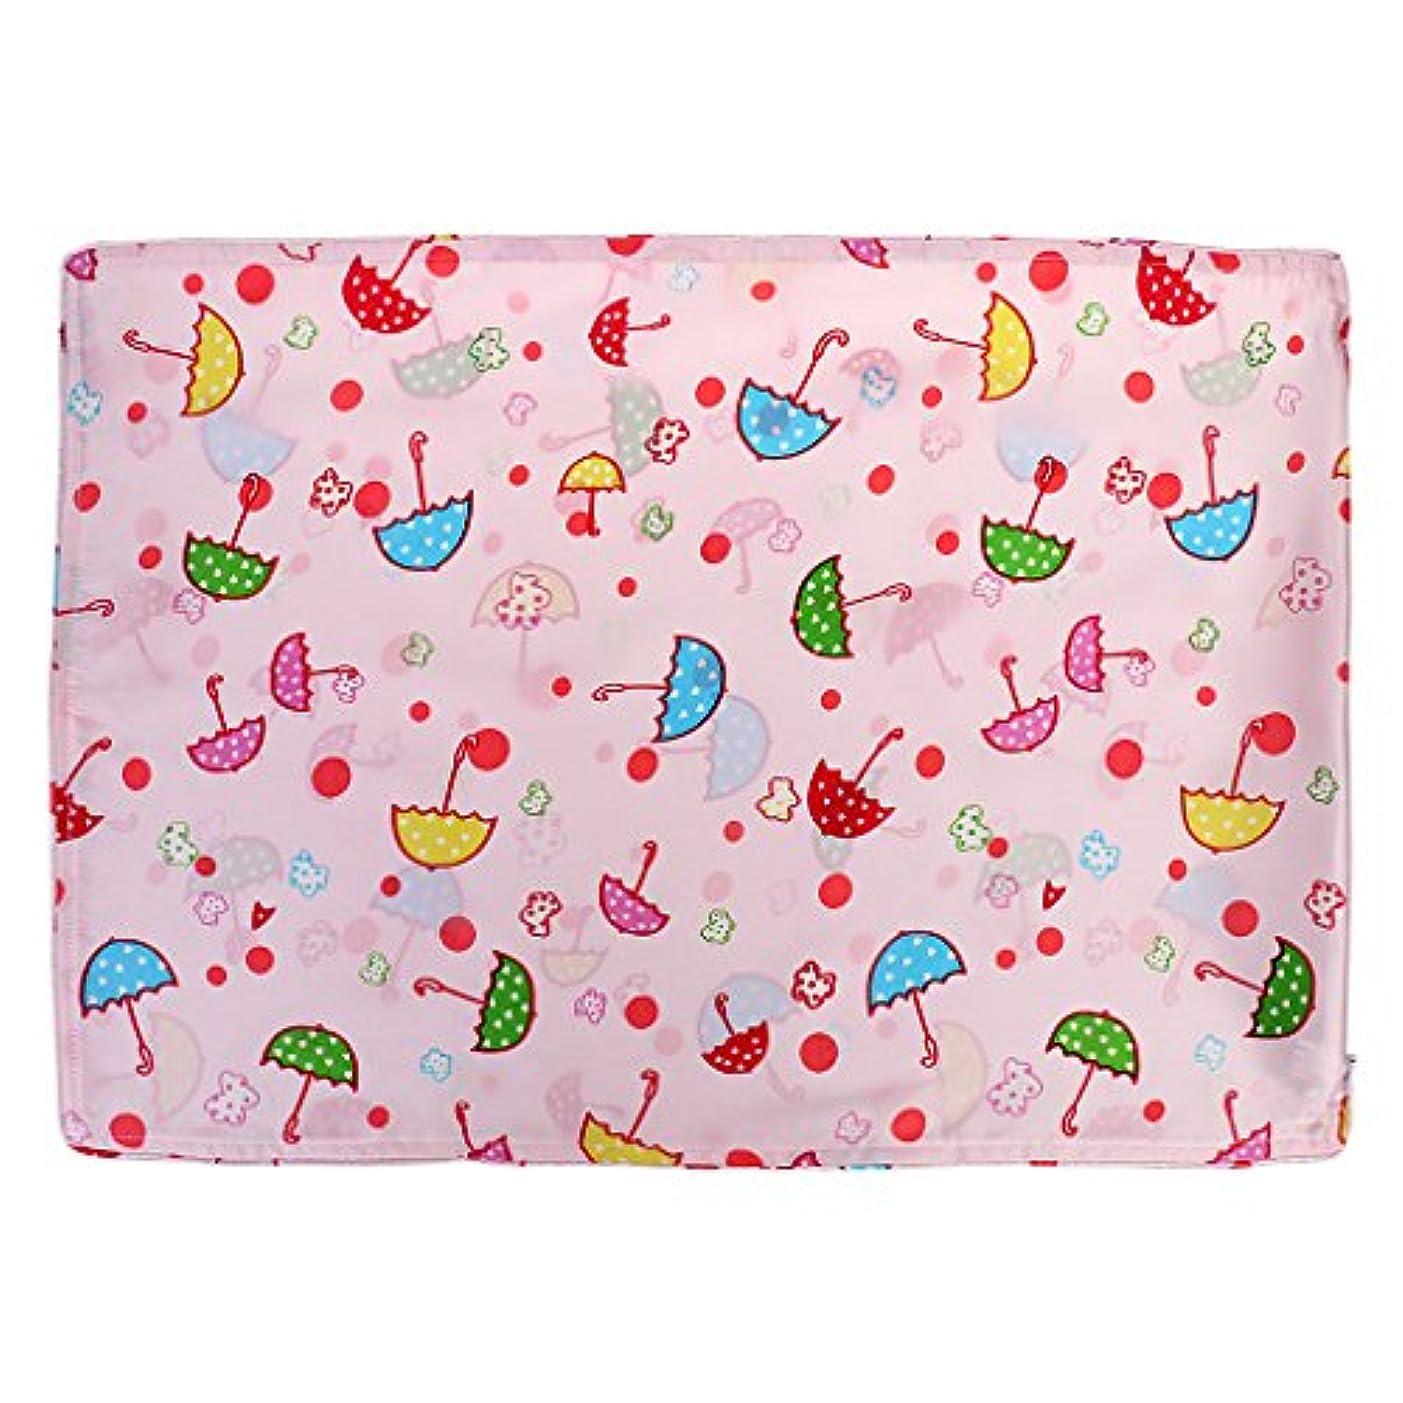 ステーキ冷凍庫なめらかかわいい赤ちゃんキッズ100%シルクサテン両面枕カバー30 * 45センチメートル傘ピンク